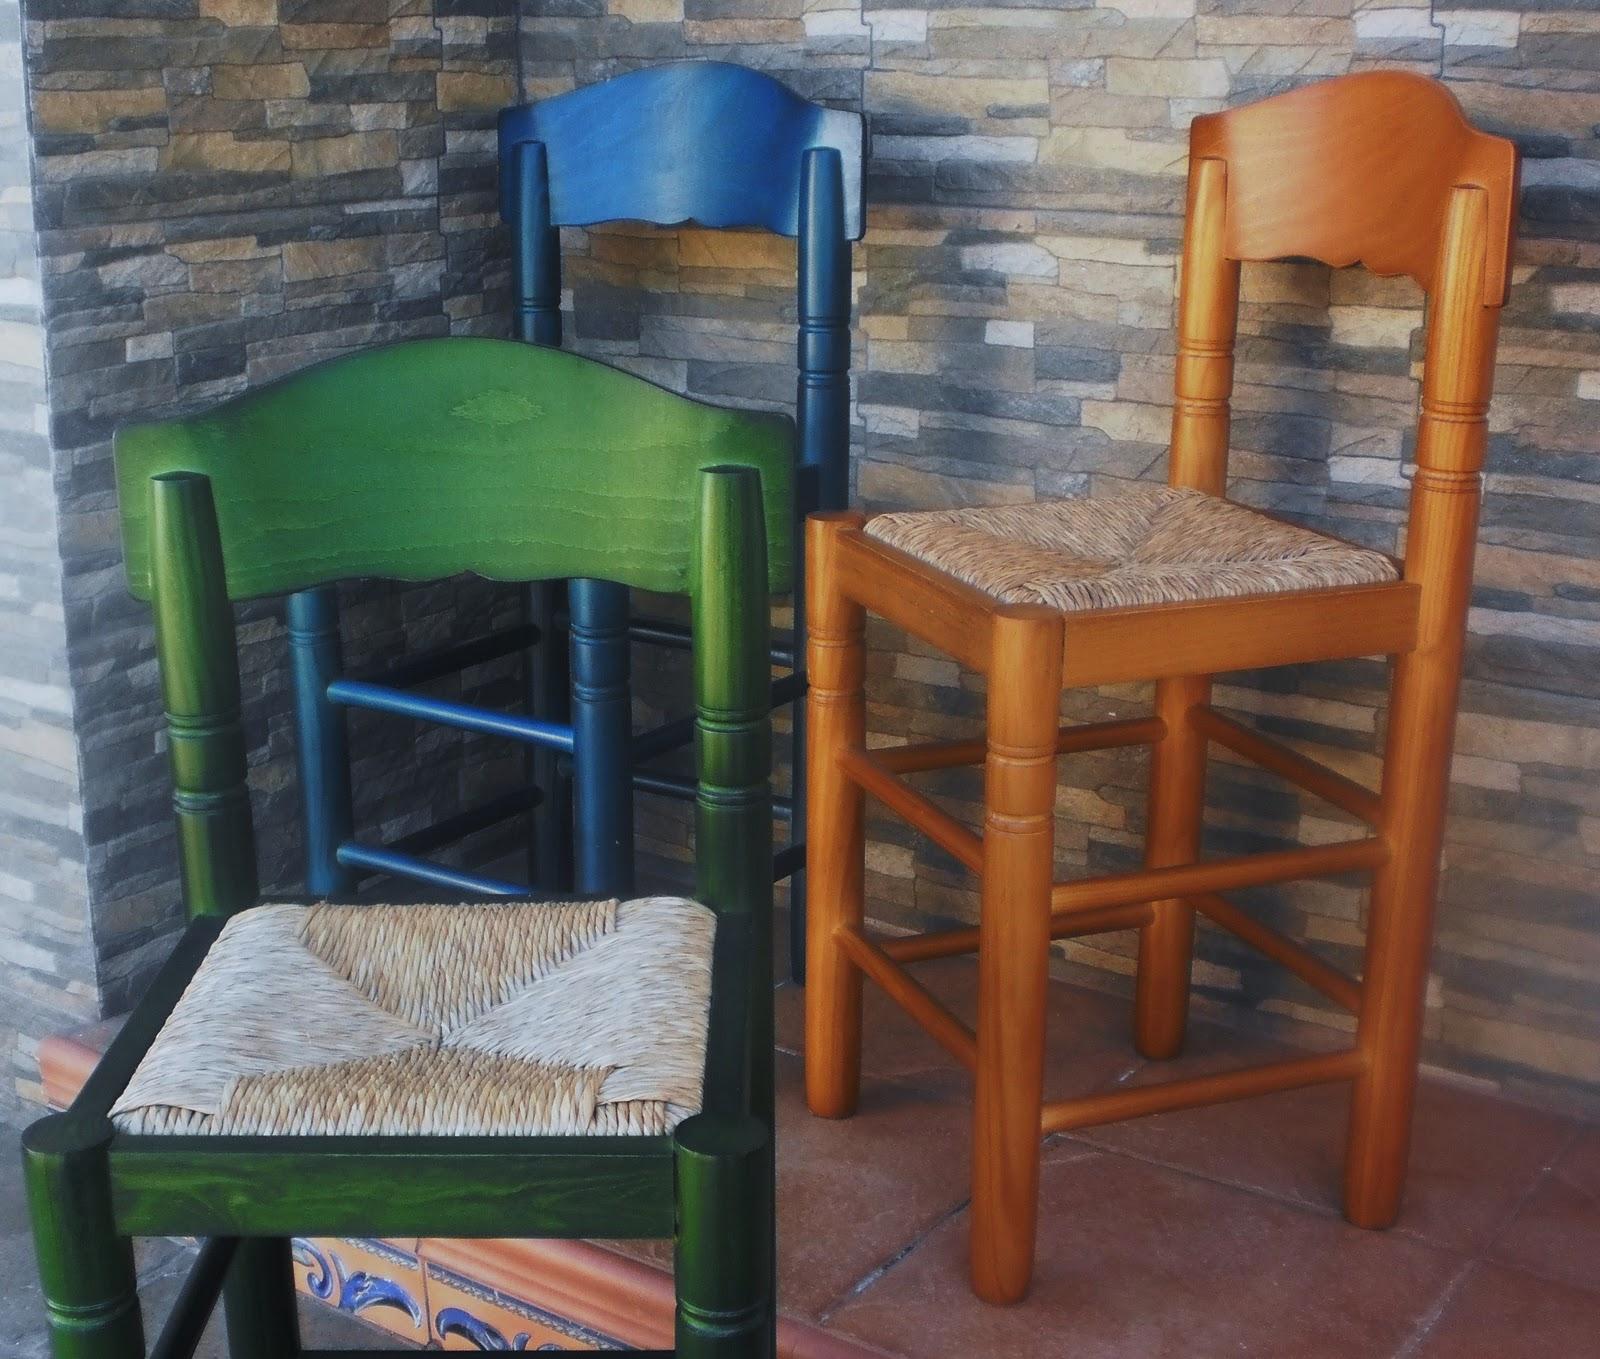 Fabrica de sillas de madera pauli sillas y mesas de for Fabrica de sillones precios